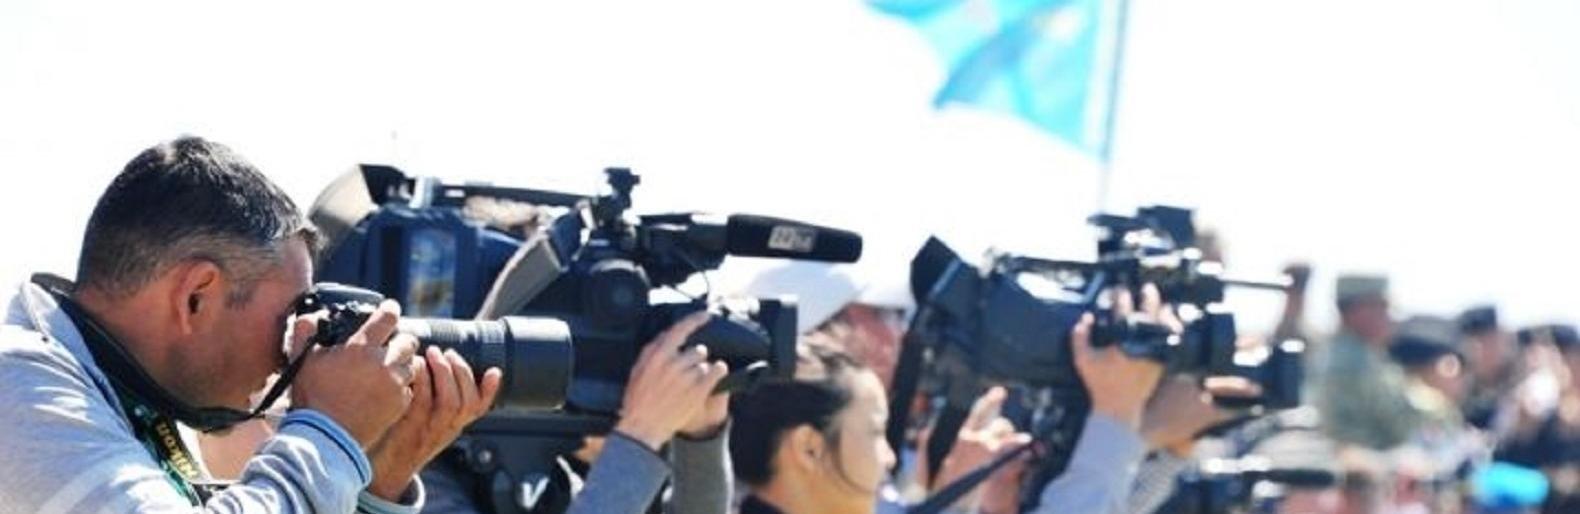 Фото день журналиста